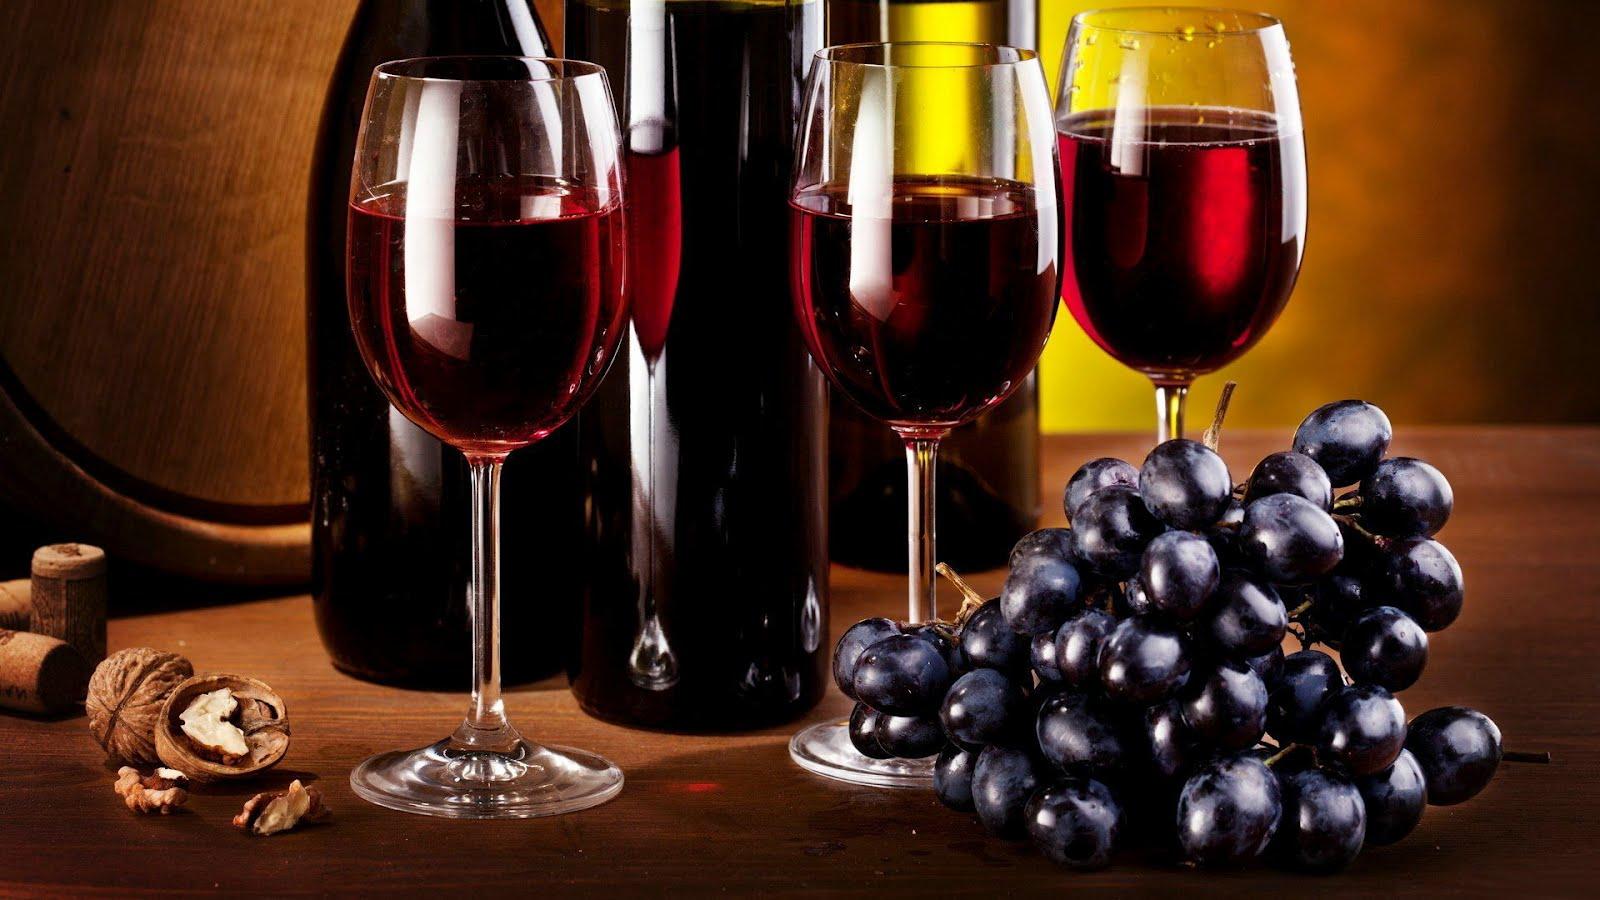 Salute: intolleranti al vino? Ecco cosa causa mal di testa, crampi e fastidi